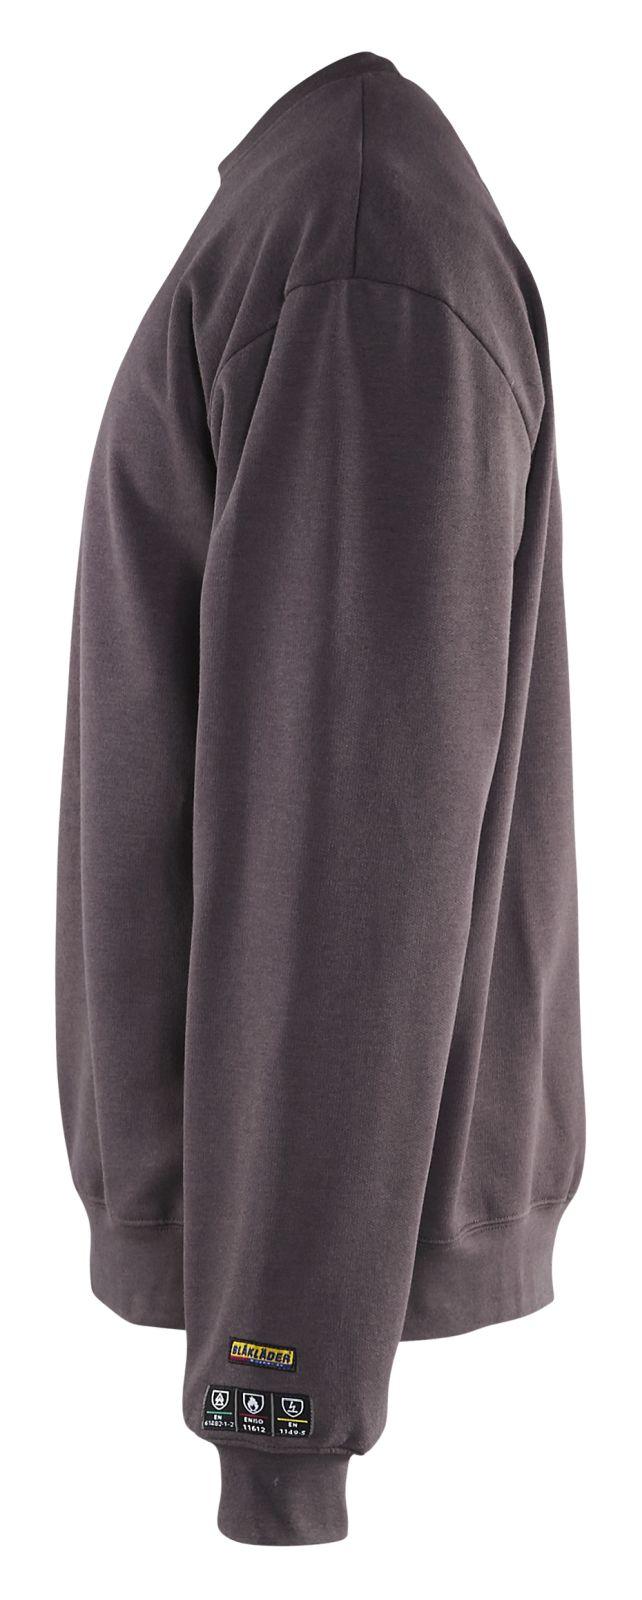 Blaklader Sweatshirts 30741750 Multinorm grijs(9400)